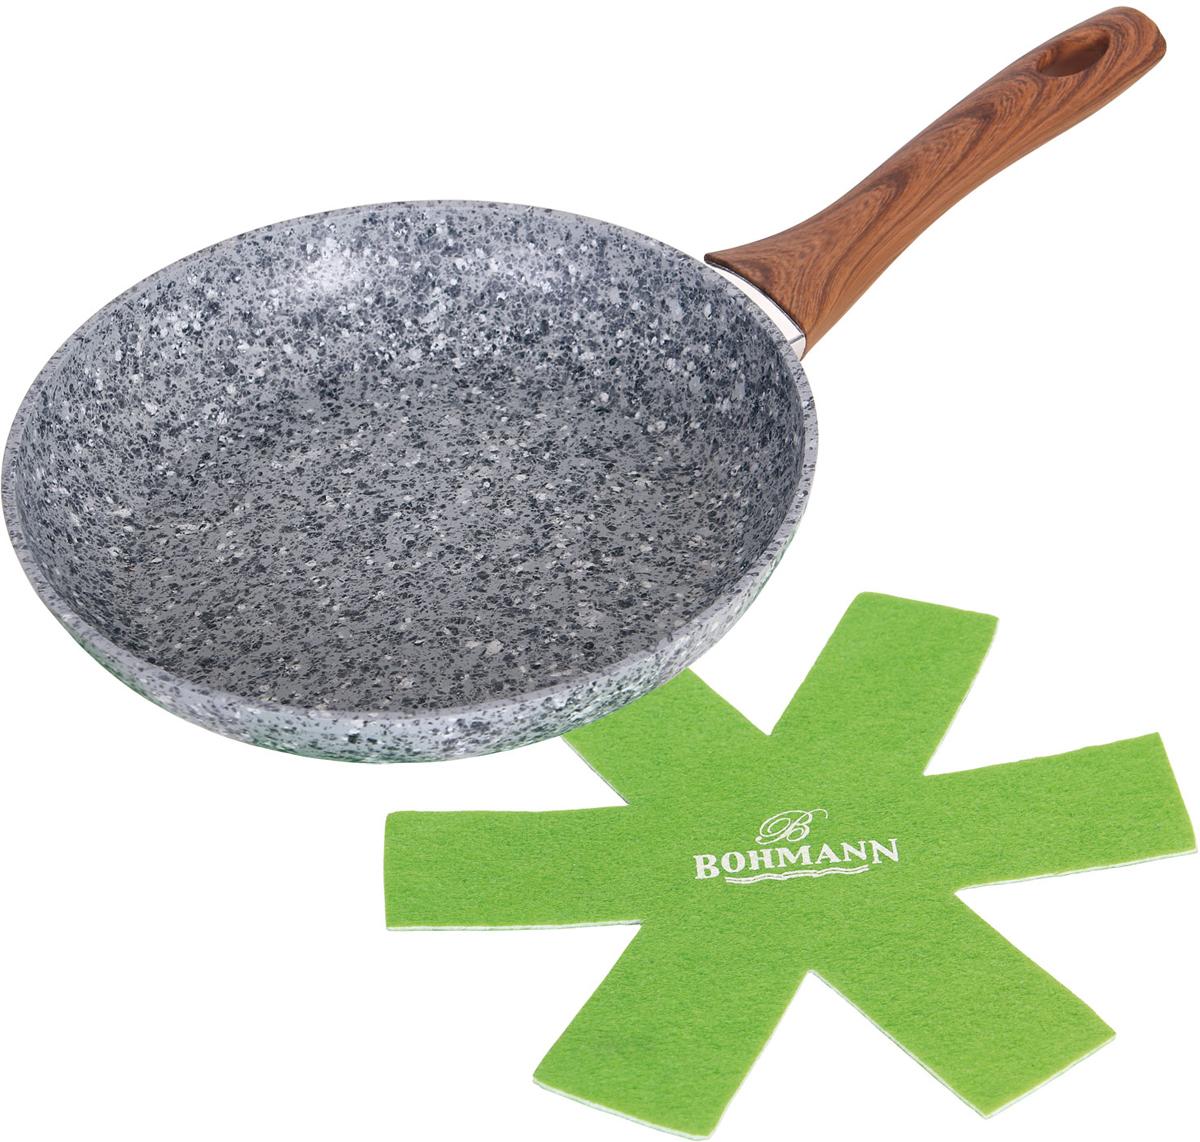 Сковорода Bohmann, с подставкой, цвет: серый. Диаметр 26 см. 1015-26BHGRN1015-26BHGRNАлюминиевая сковорода. Нейлоновый протектор в комплекте. Гранитное антипригарное покрытие, можно жарить или обжаривать с небольшим количеством масла. Подходит для всех типов бытовых плит.